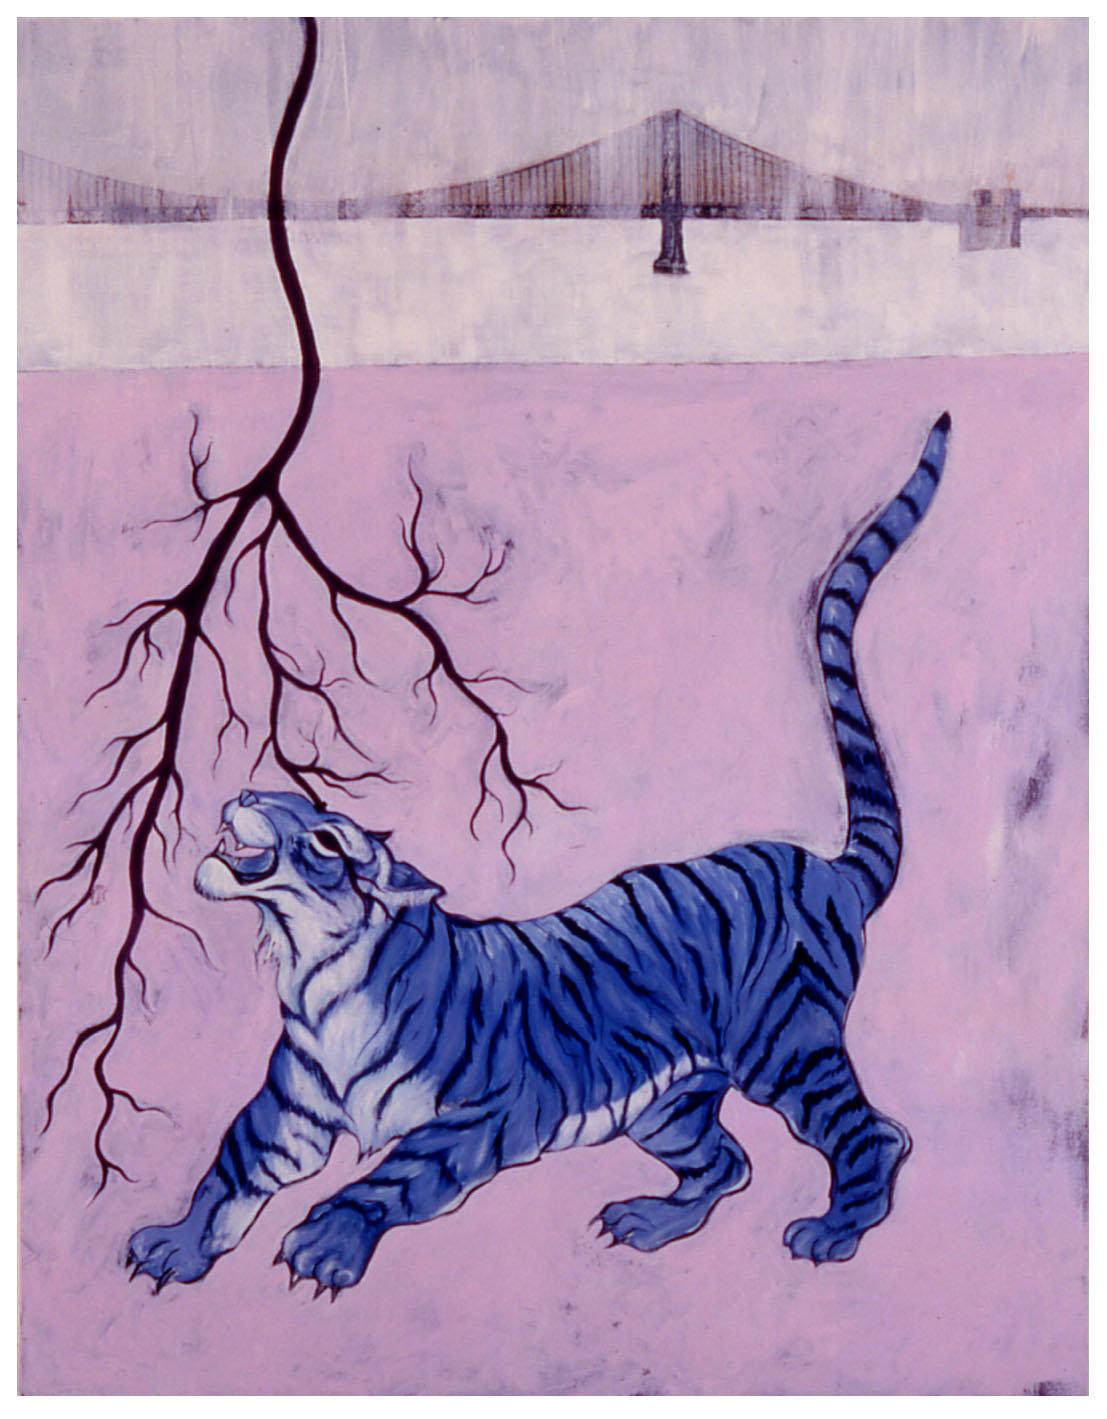 Tiger (2002)